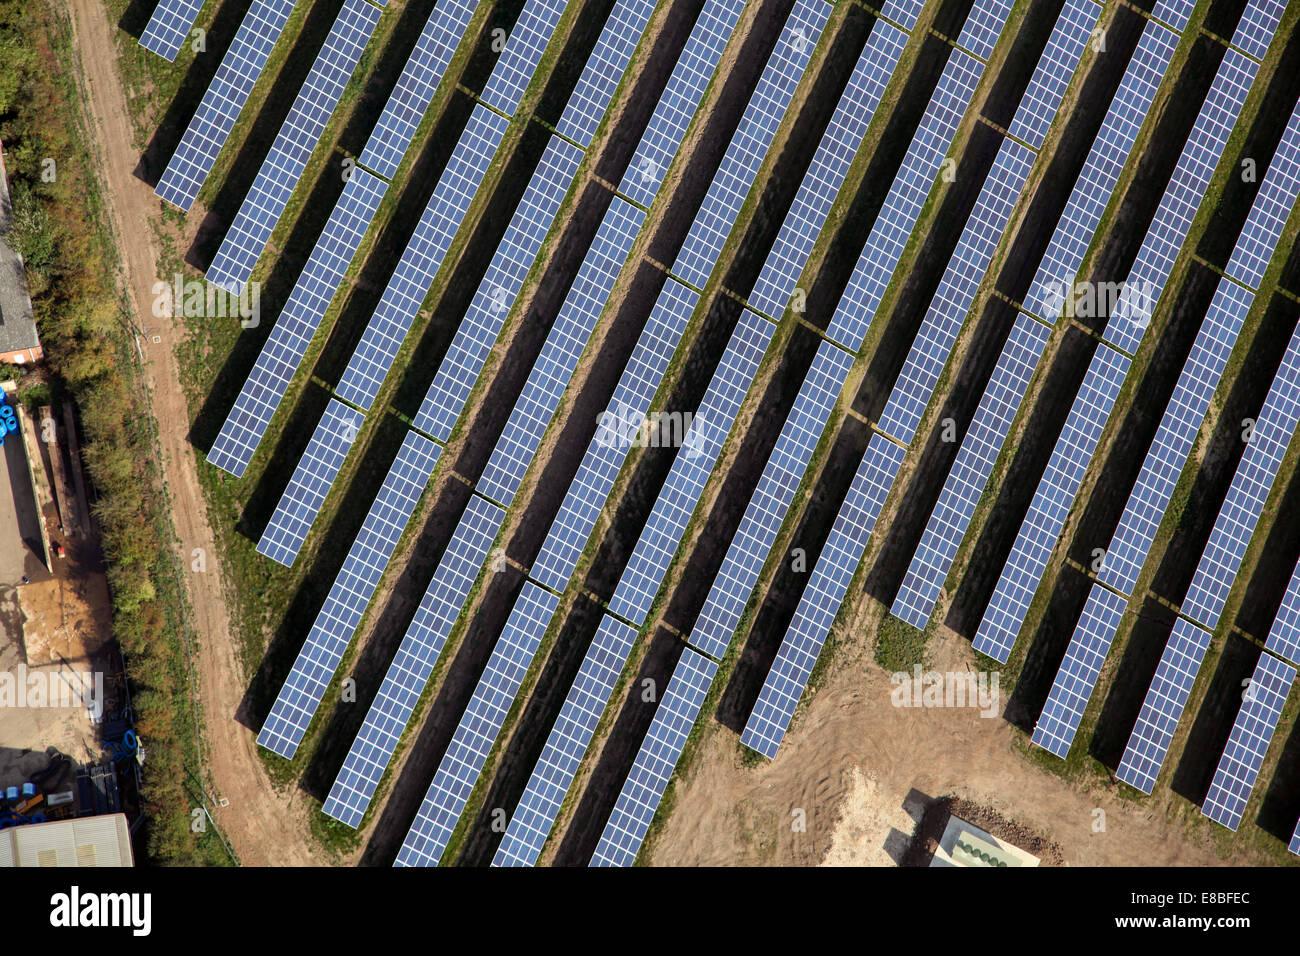 Vue aérienne de panneaux solaires sur une ferme solaire dans le Lincolnshire Photo Stock